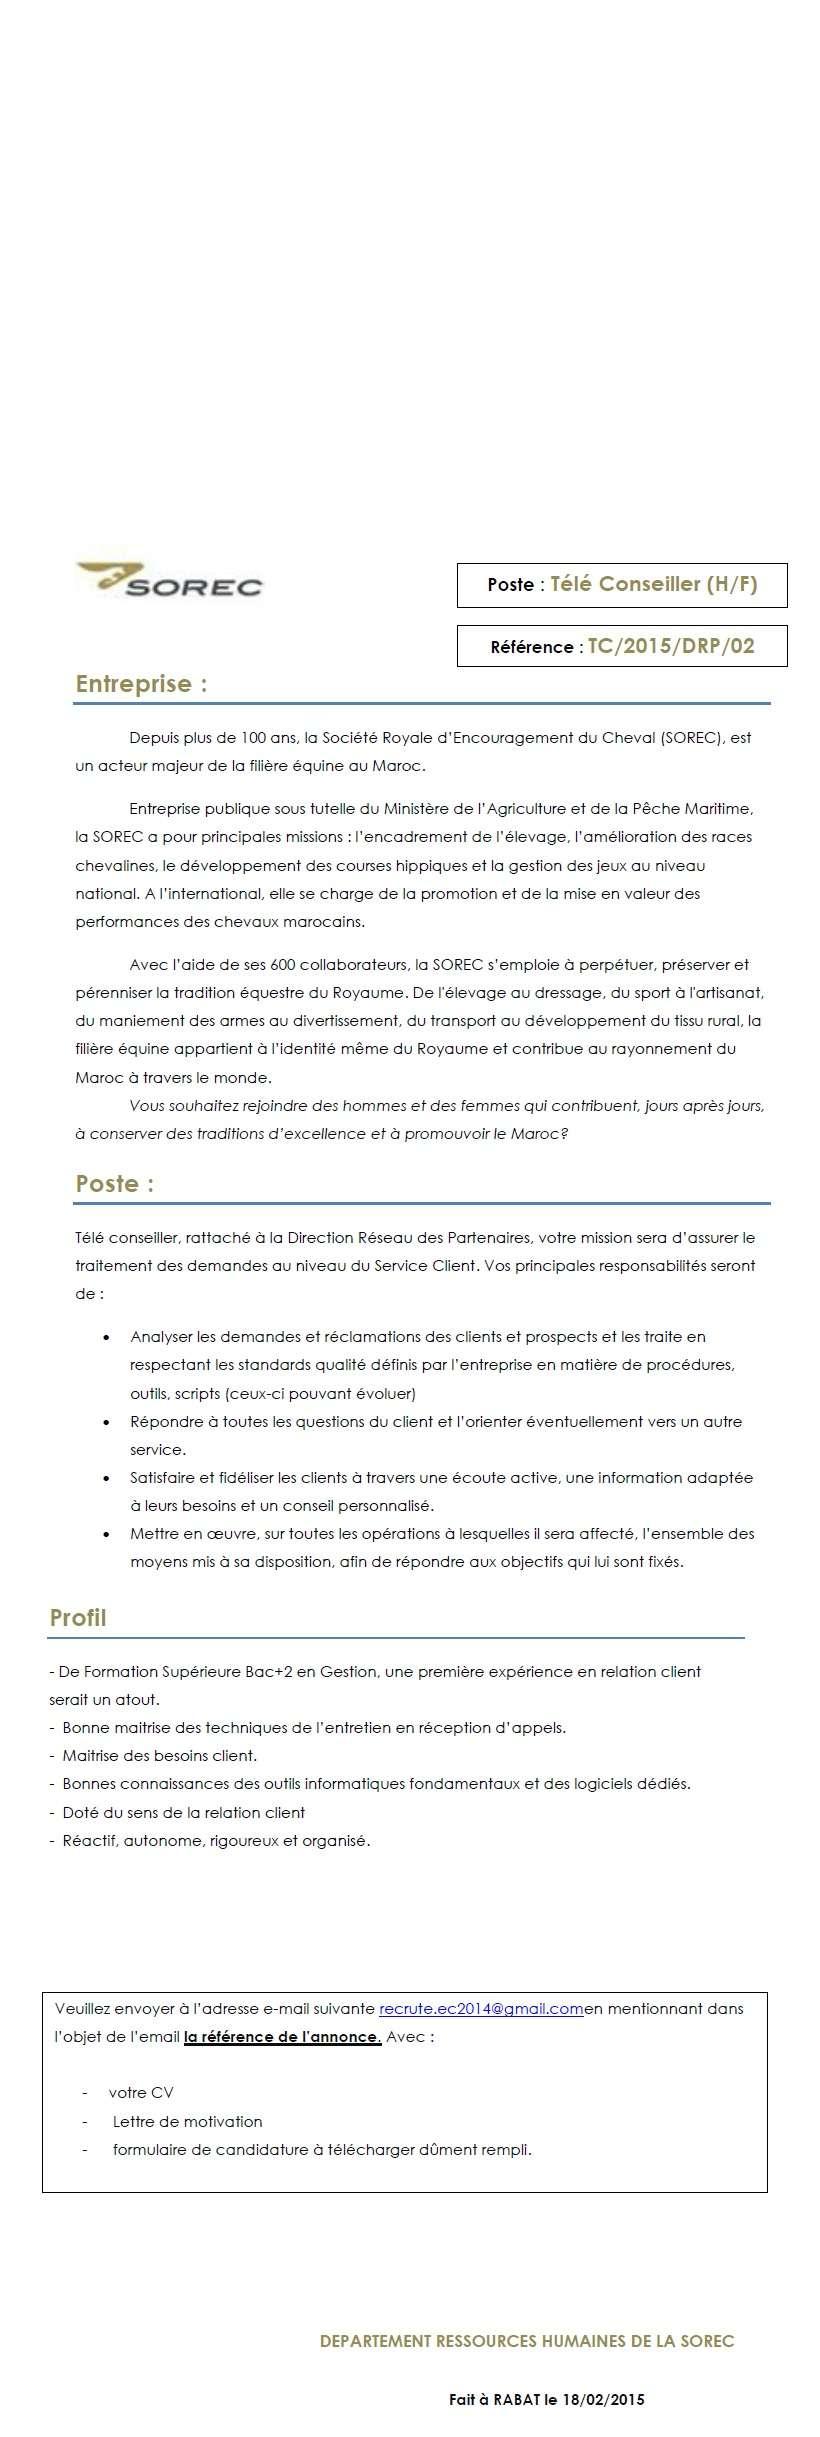 الشركة الملكية لتشجيع الفرس : مباراة لتوظيف مستشار هاتفي (2) و تقني (3) و مسؤول عن التسويق الرقمي (1) و منشط تجاري (1) آخر أجل لإيداع الترشيحات 15 مارس 2015 Concou81